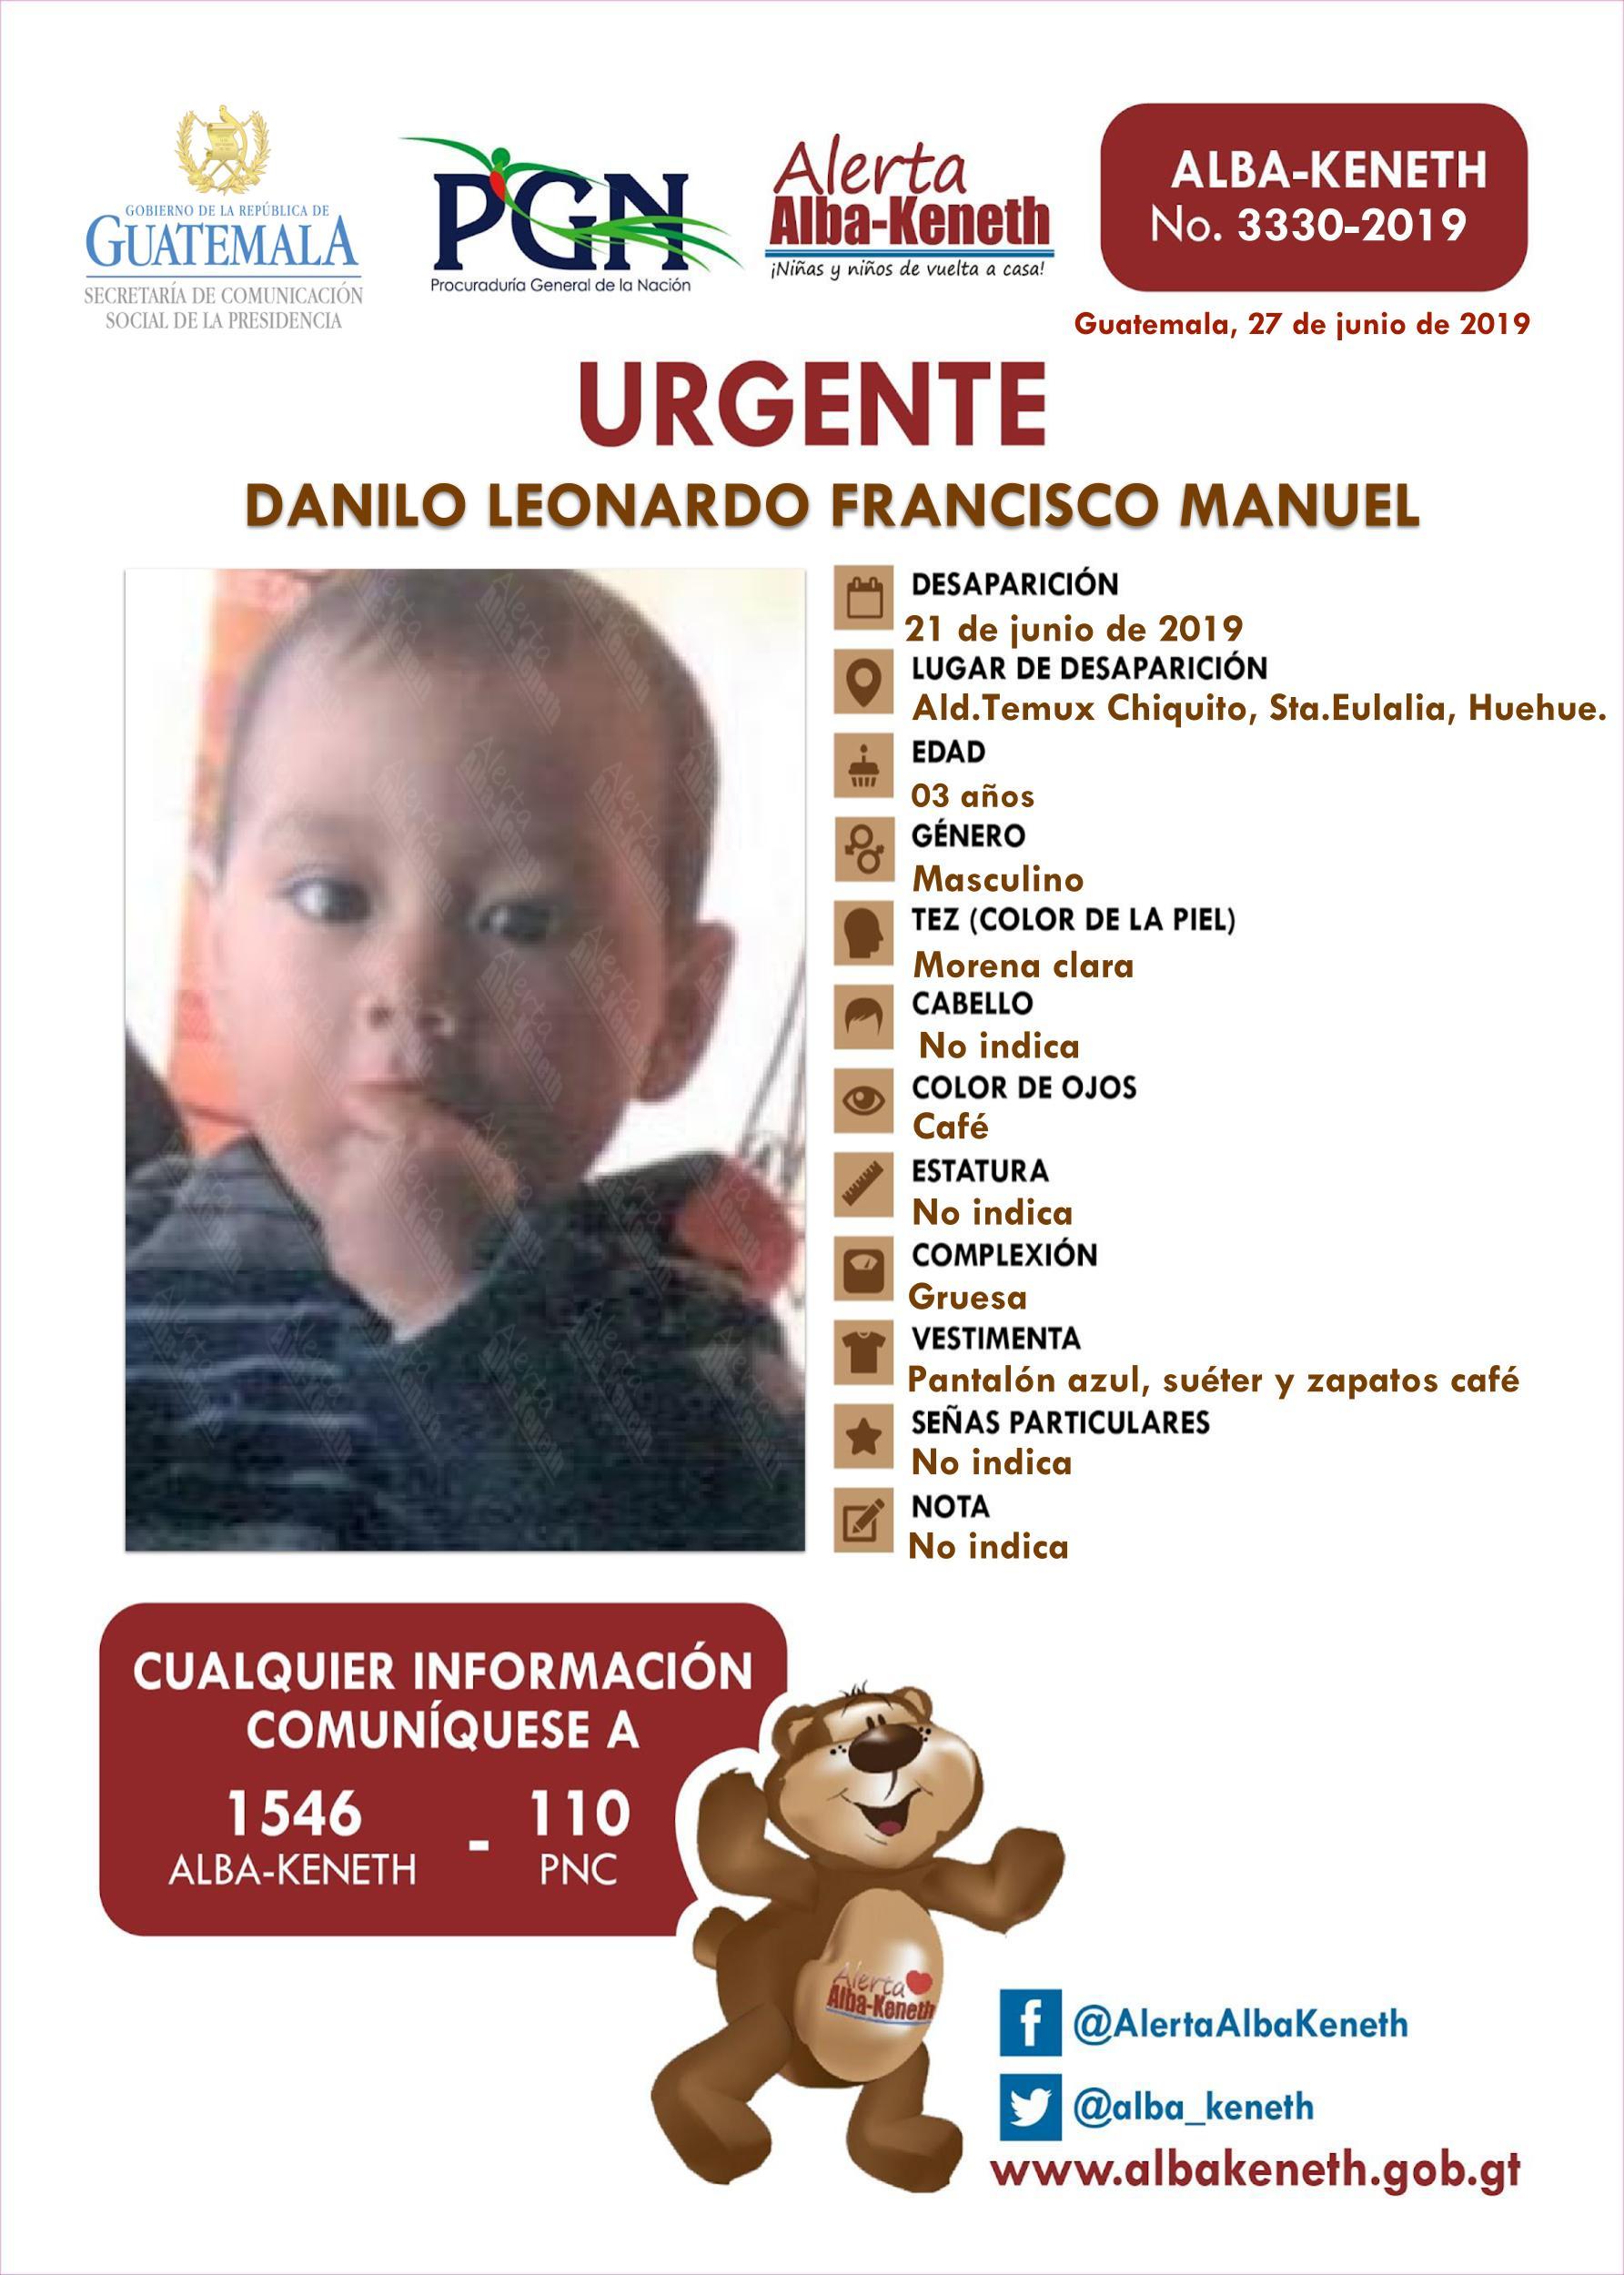 Danilo Leonardo Francisco Manuel